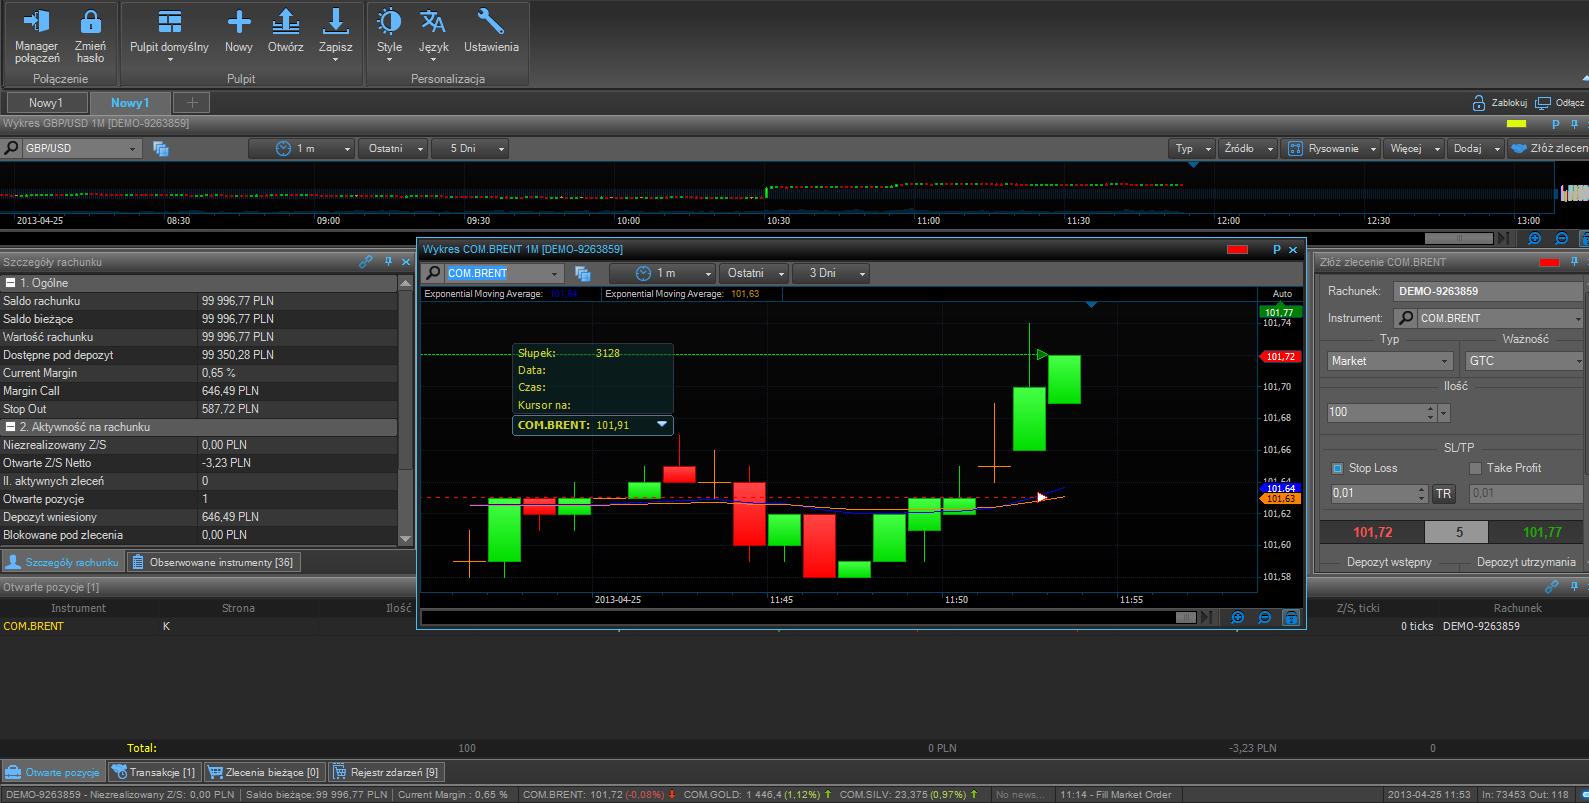 Ebs forex trading platform